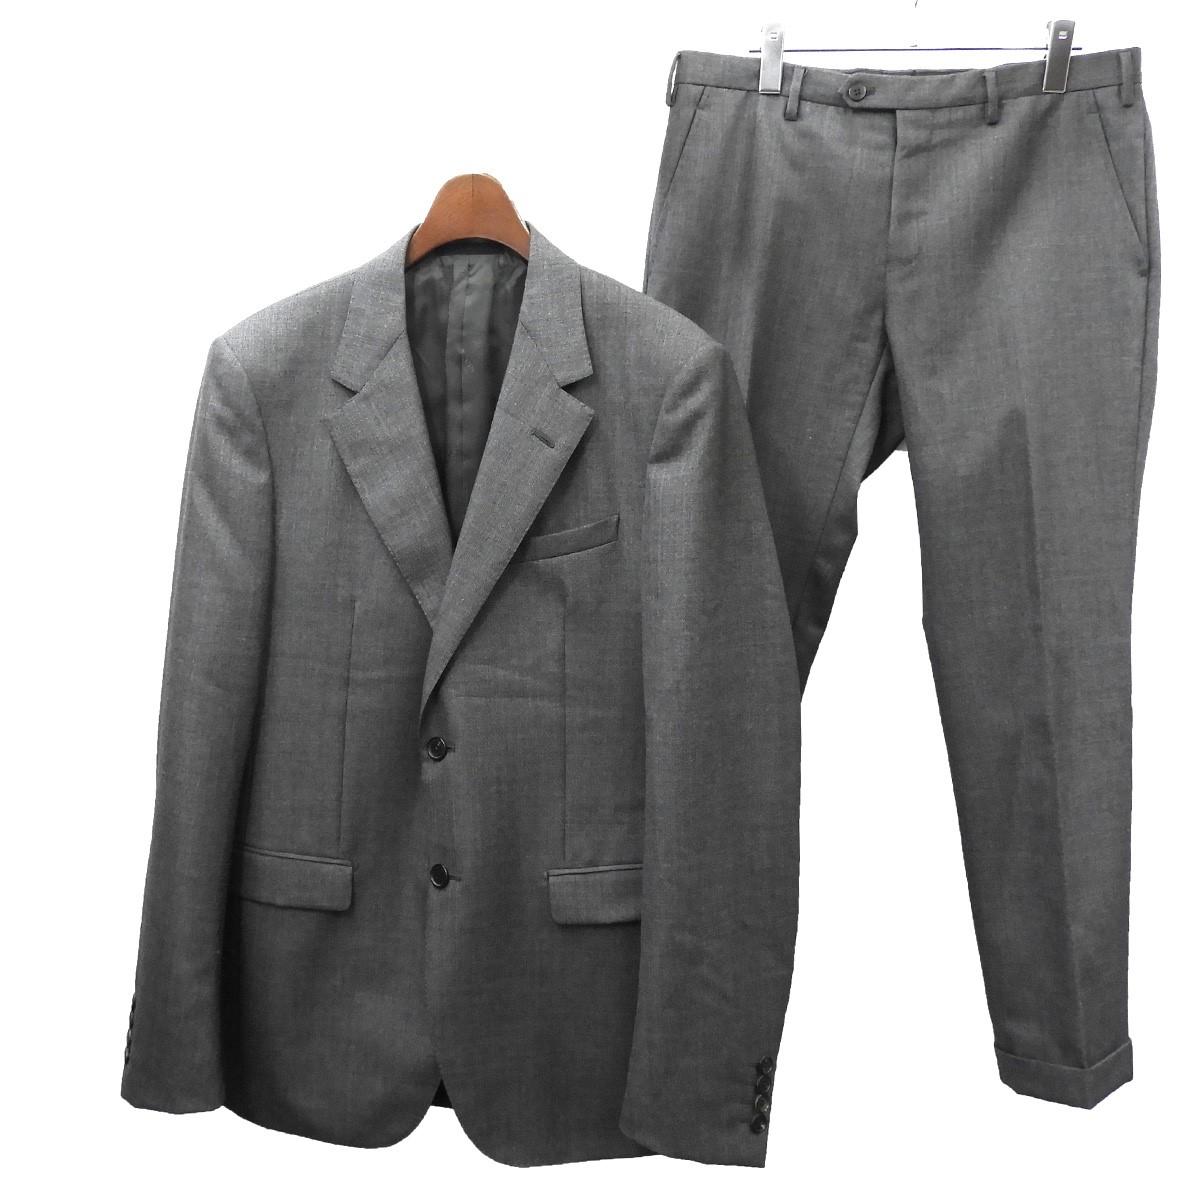 【中古】LANVIN セットアップスーツ グレー サイズ:48/48 【110620】(ランバン)